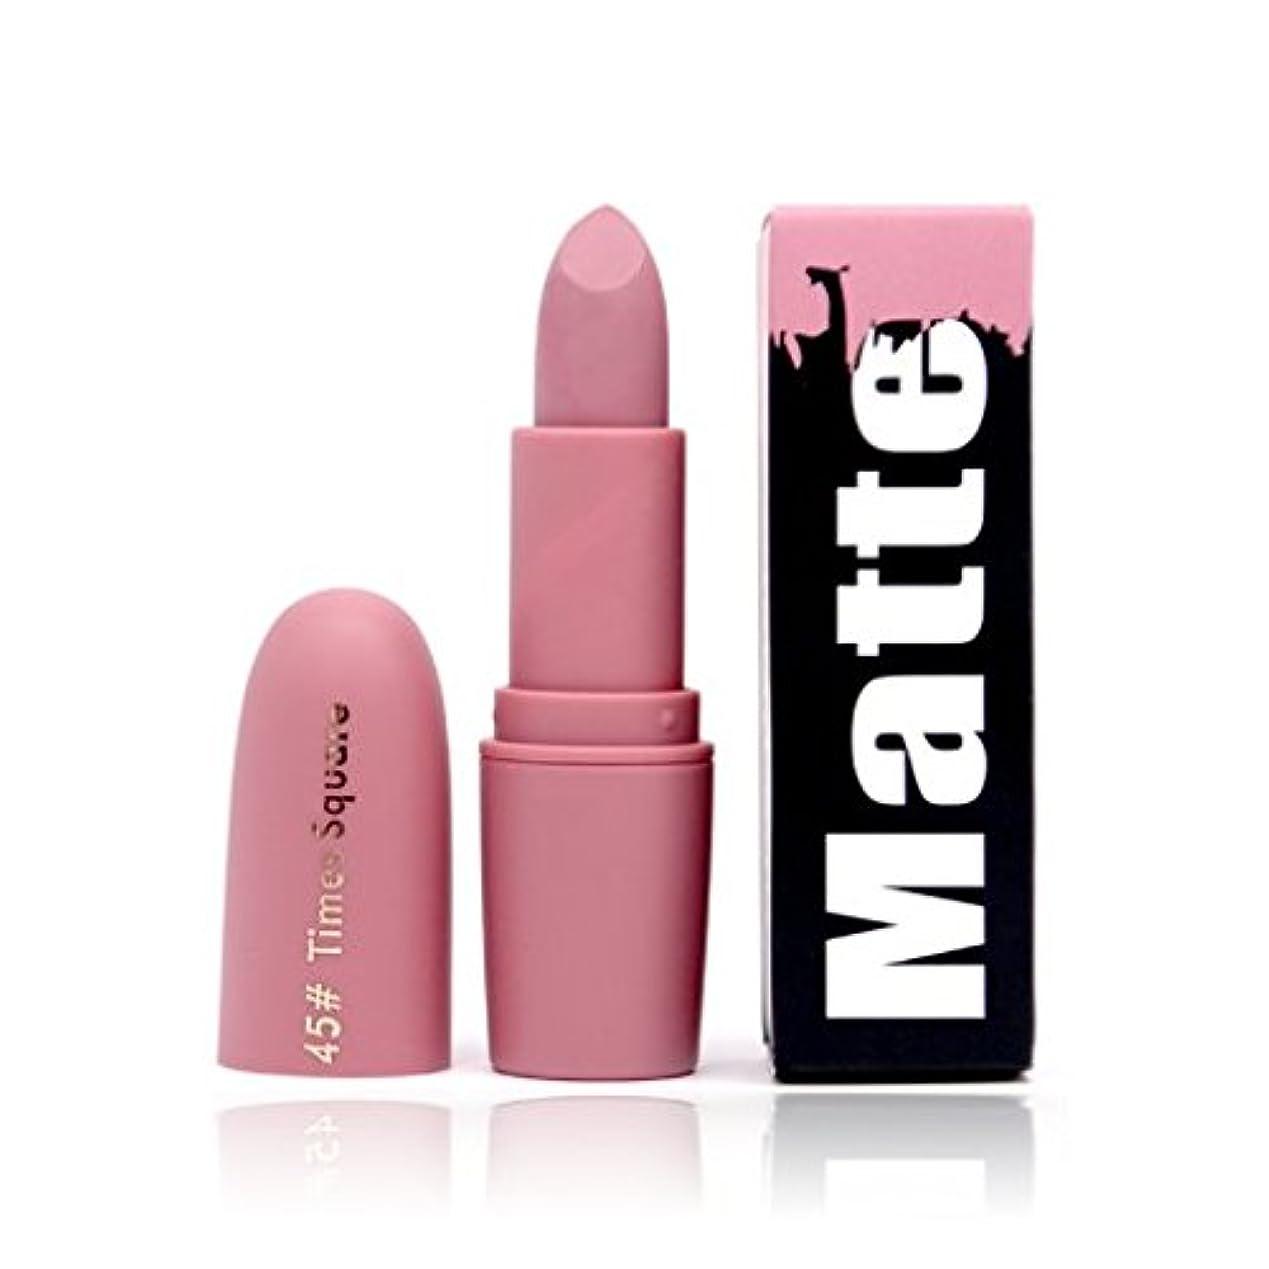 北へドームネズミBeauty Matte Moisturizing Lipstick Makeup Lipsticks Lip Stick Waterproof Lipgloss Mate Lipsticks Cosmetic